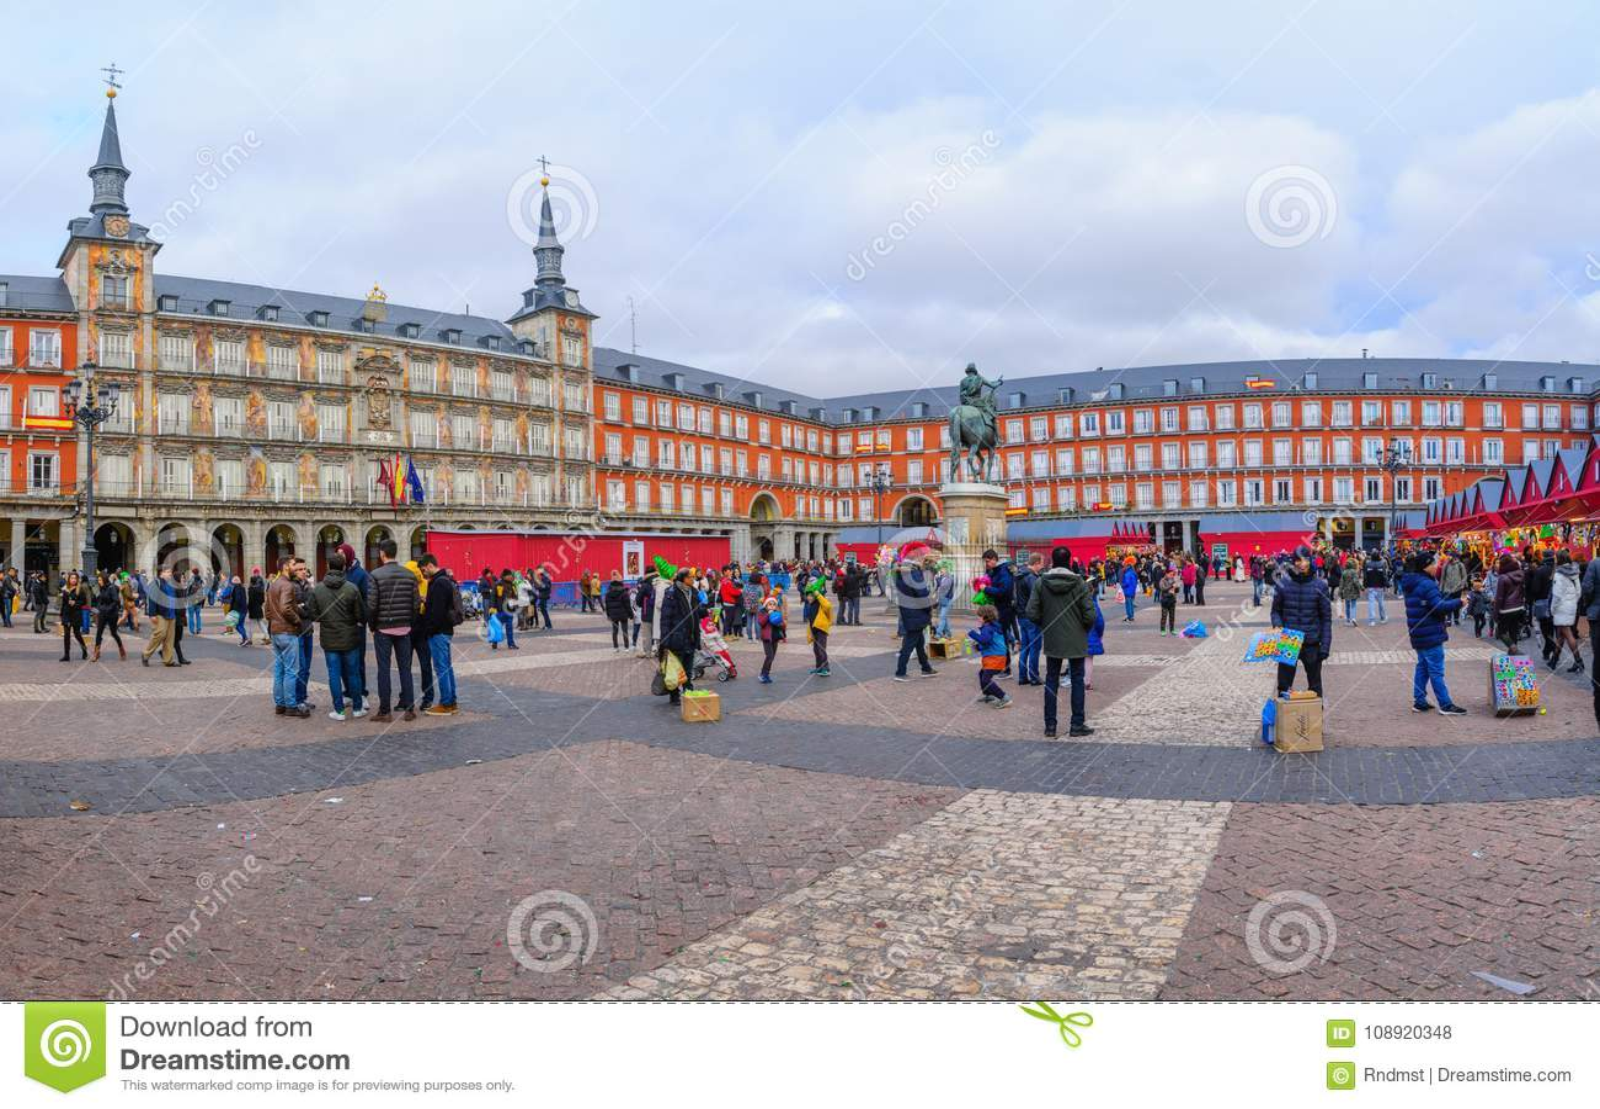 Plazaborgmästaren med jul marknadsför, i Madrid